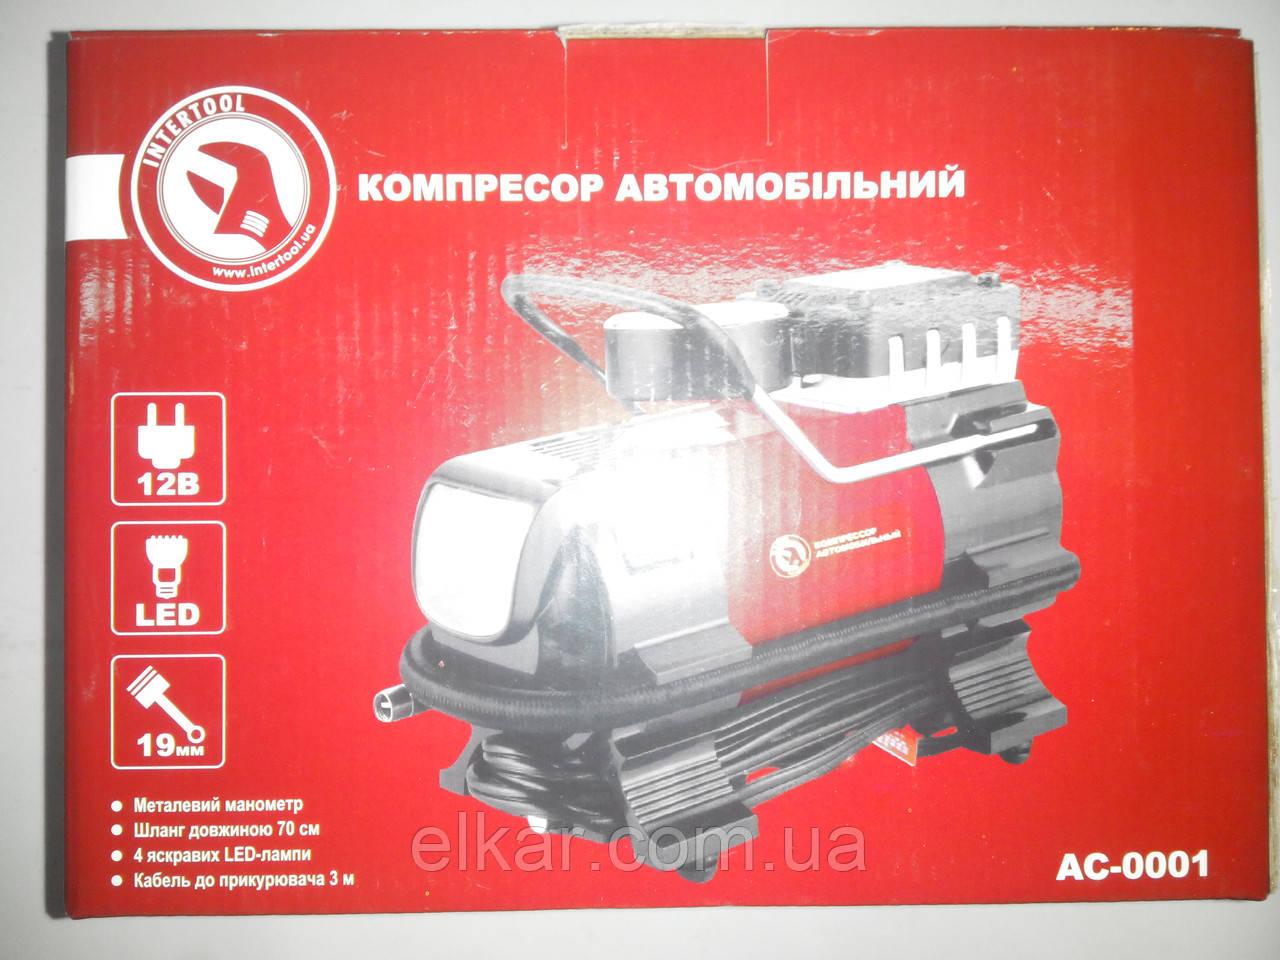 Компресор автомобільний 12В один циліндр 19 мм, 7 атм., 20 л/хв, ліхтар LED (коробка) AC-0001